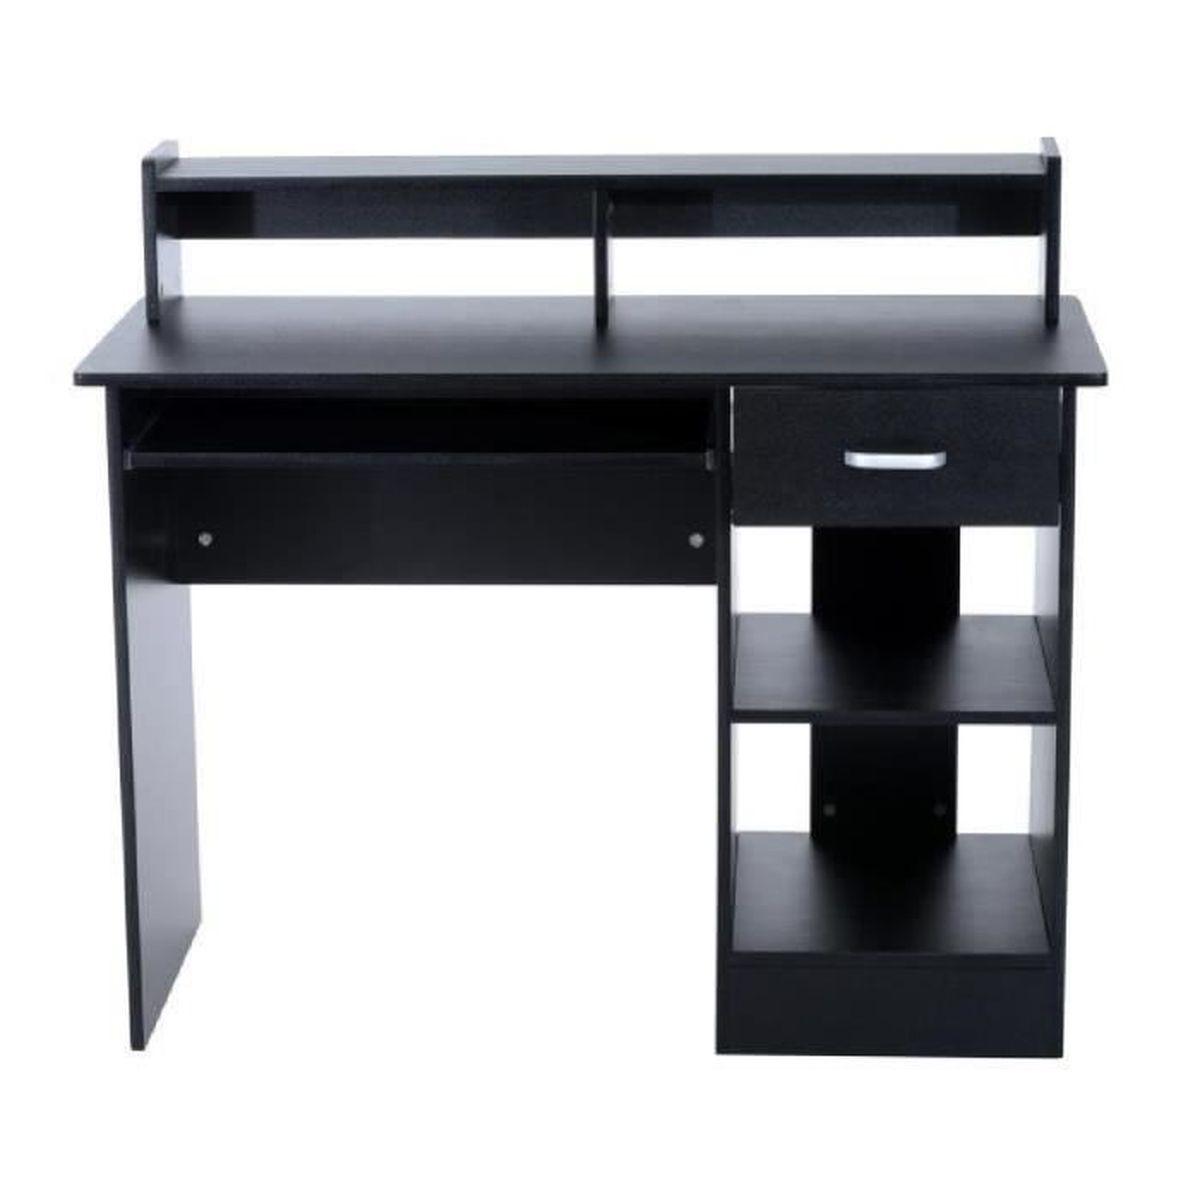 bureau informatique table de l ordinateur avec tablette pour clavier de nombreux rangements 106l. Black Bedroom Furniture Sets. Home Design Ideas